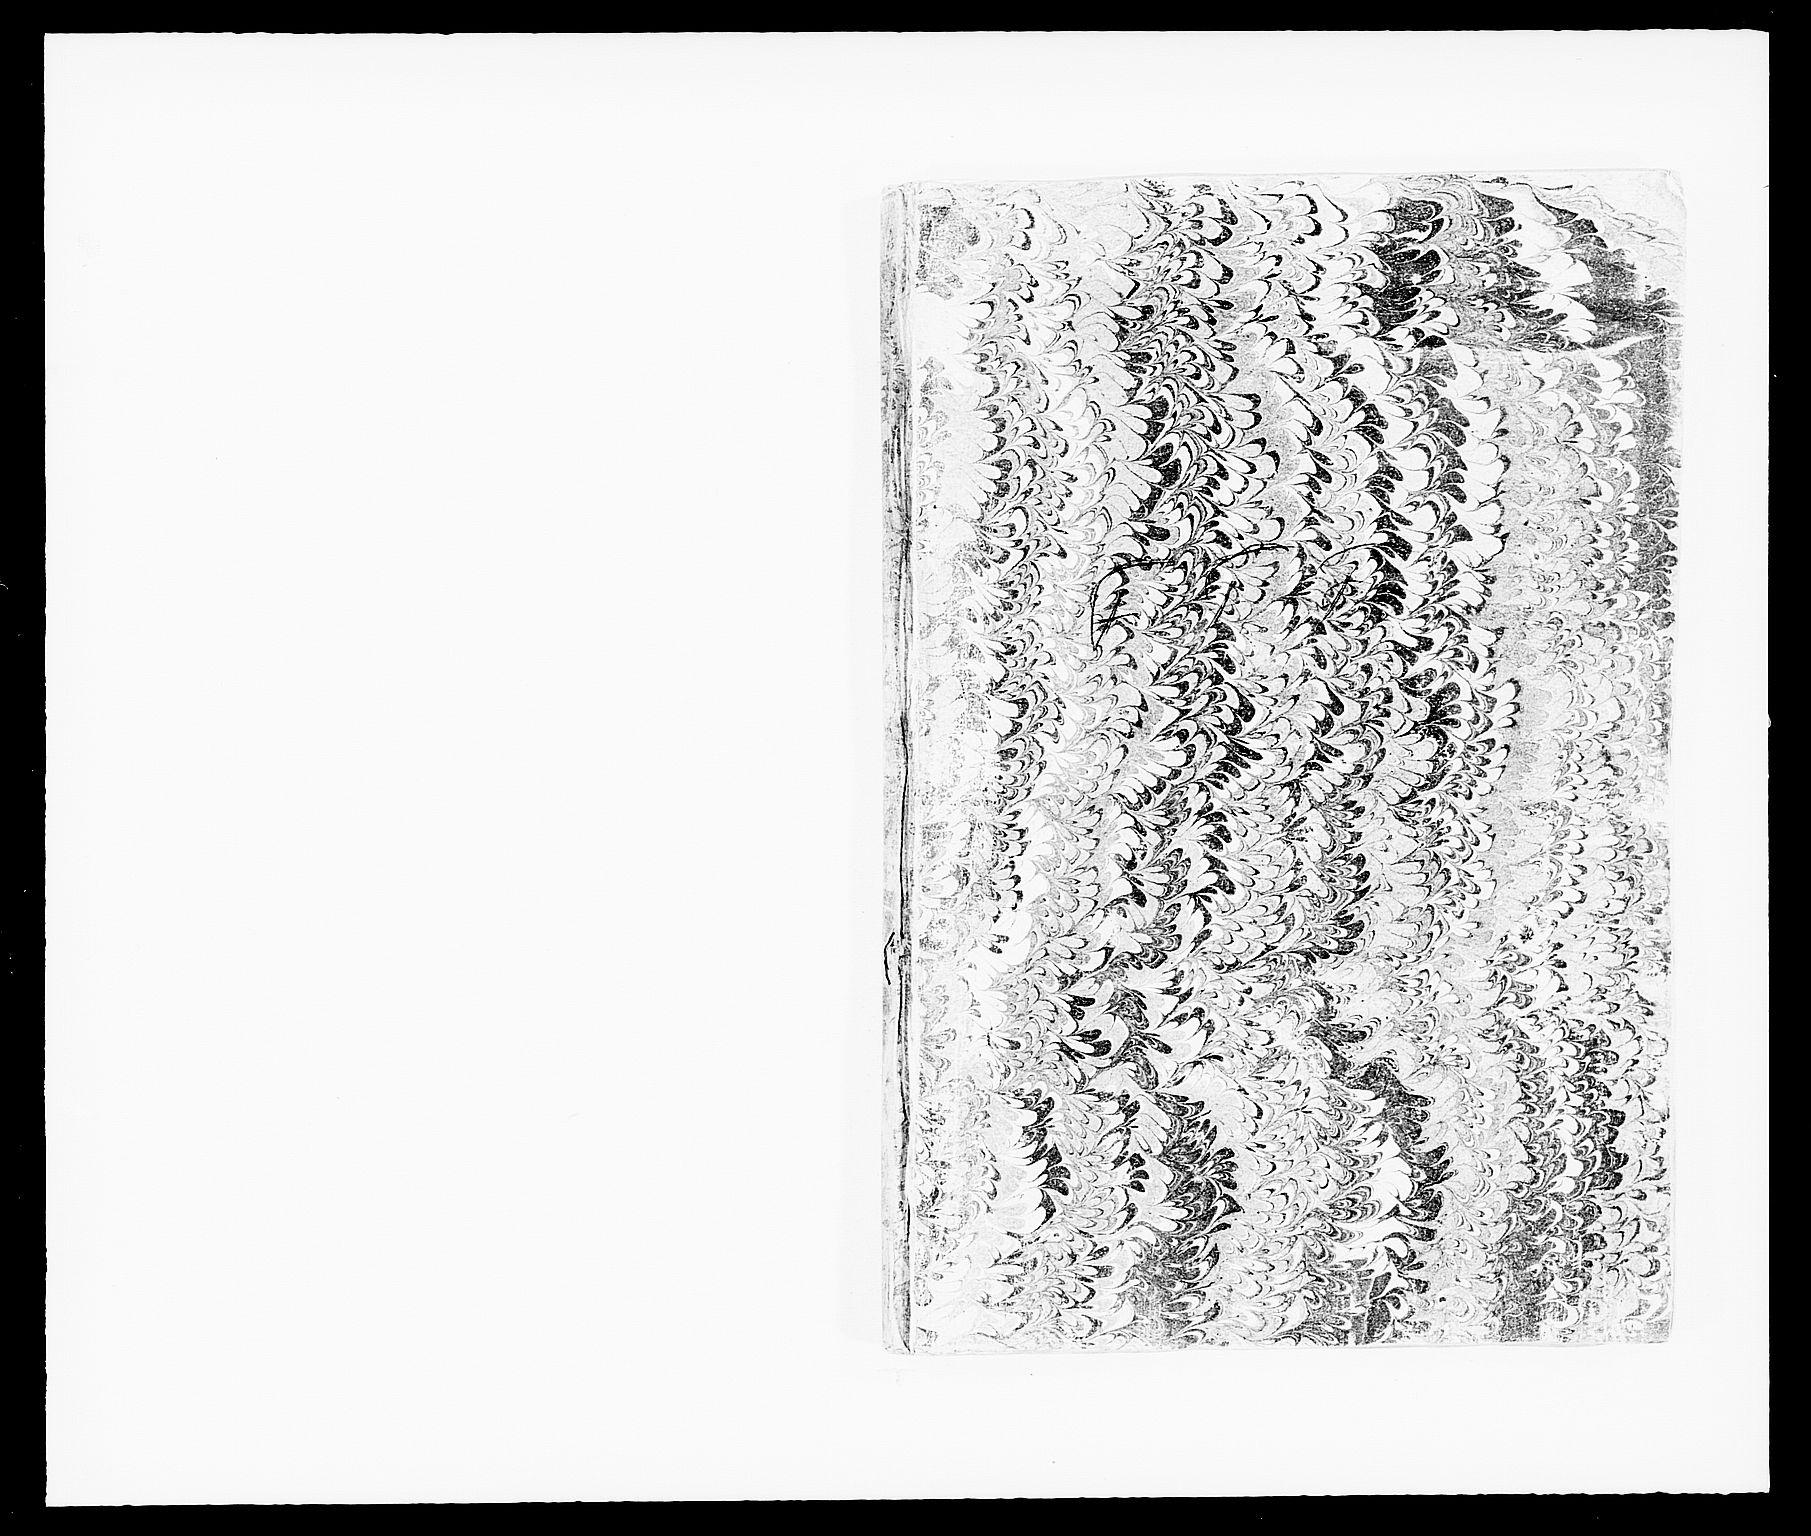 RA, Rentekammeret inntil 1814, Reviderte regnskaper, Fogderegnskap, R01/L0007: Fogderegnskap Idd og Marker, 1687-1688, s. 93